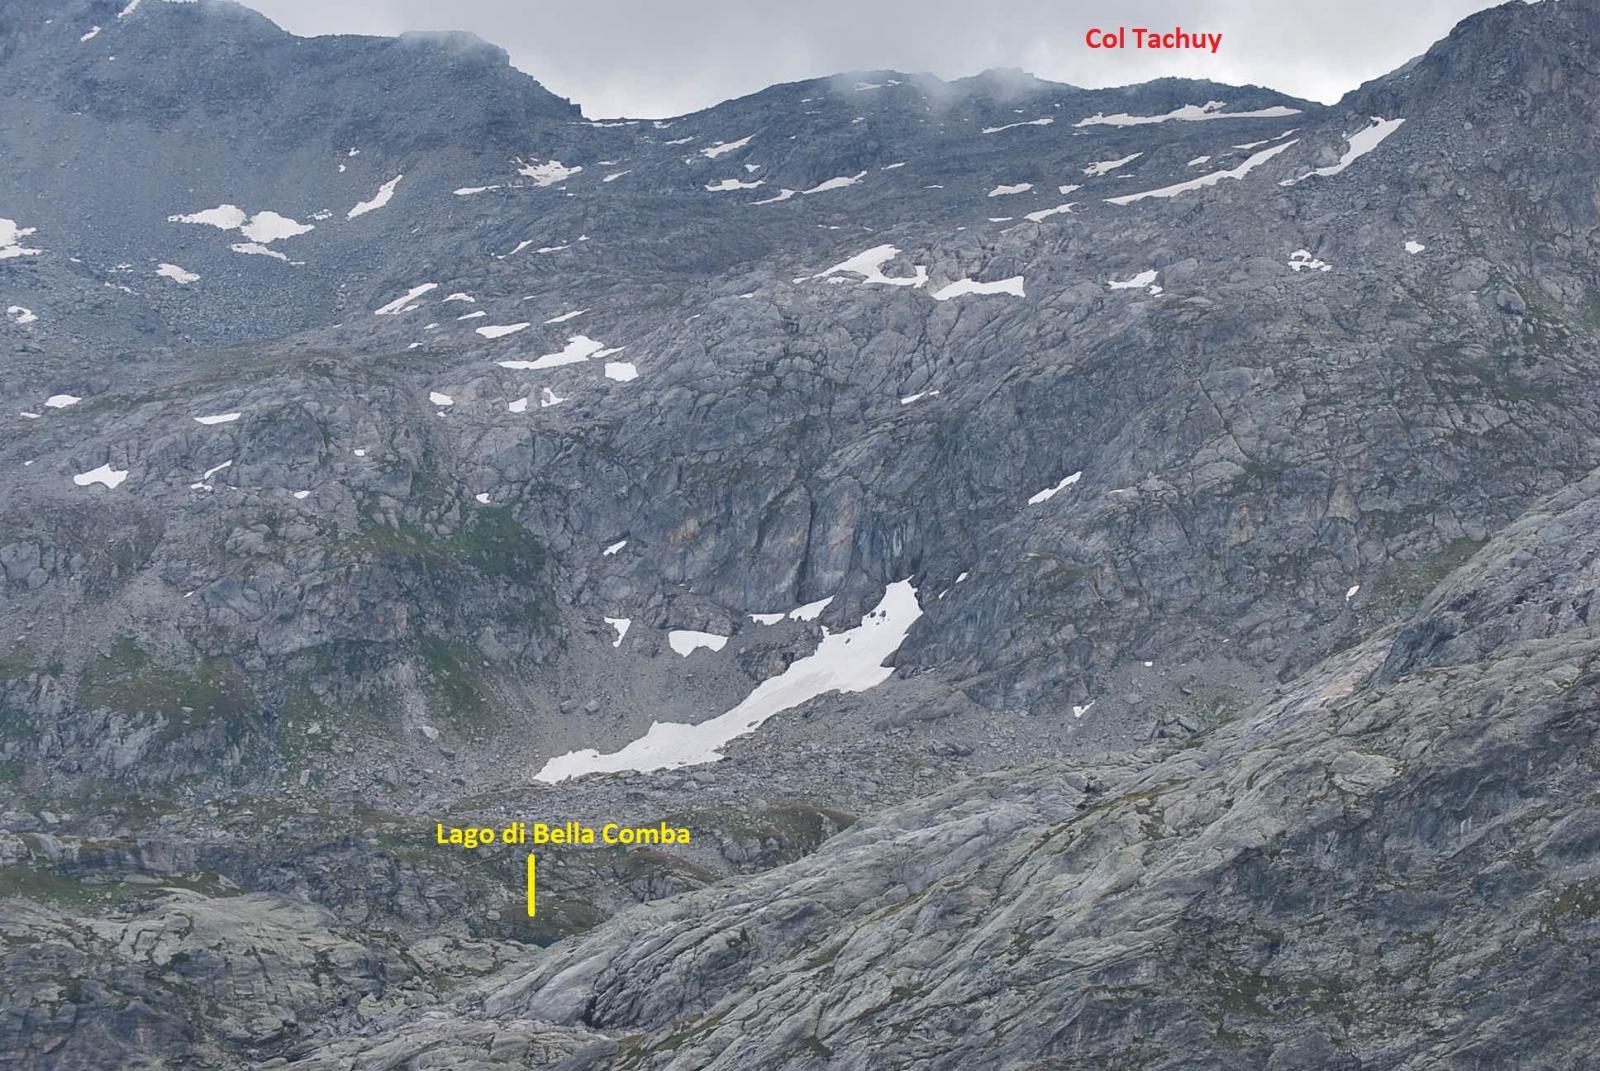 Dalla vetta: il Lago di Bella Comba, il sentiero di salita ed il Col Tachuy